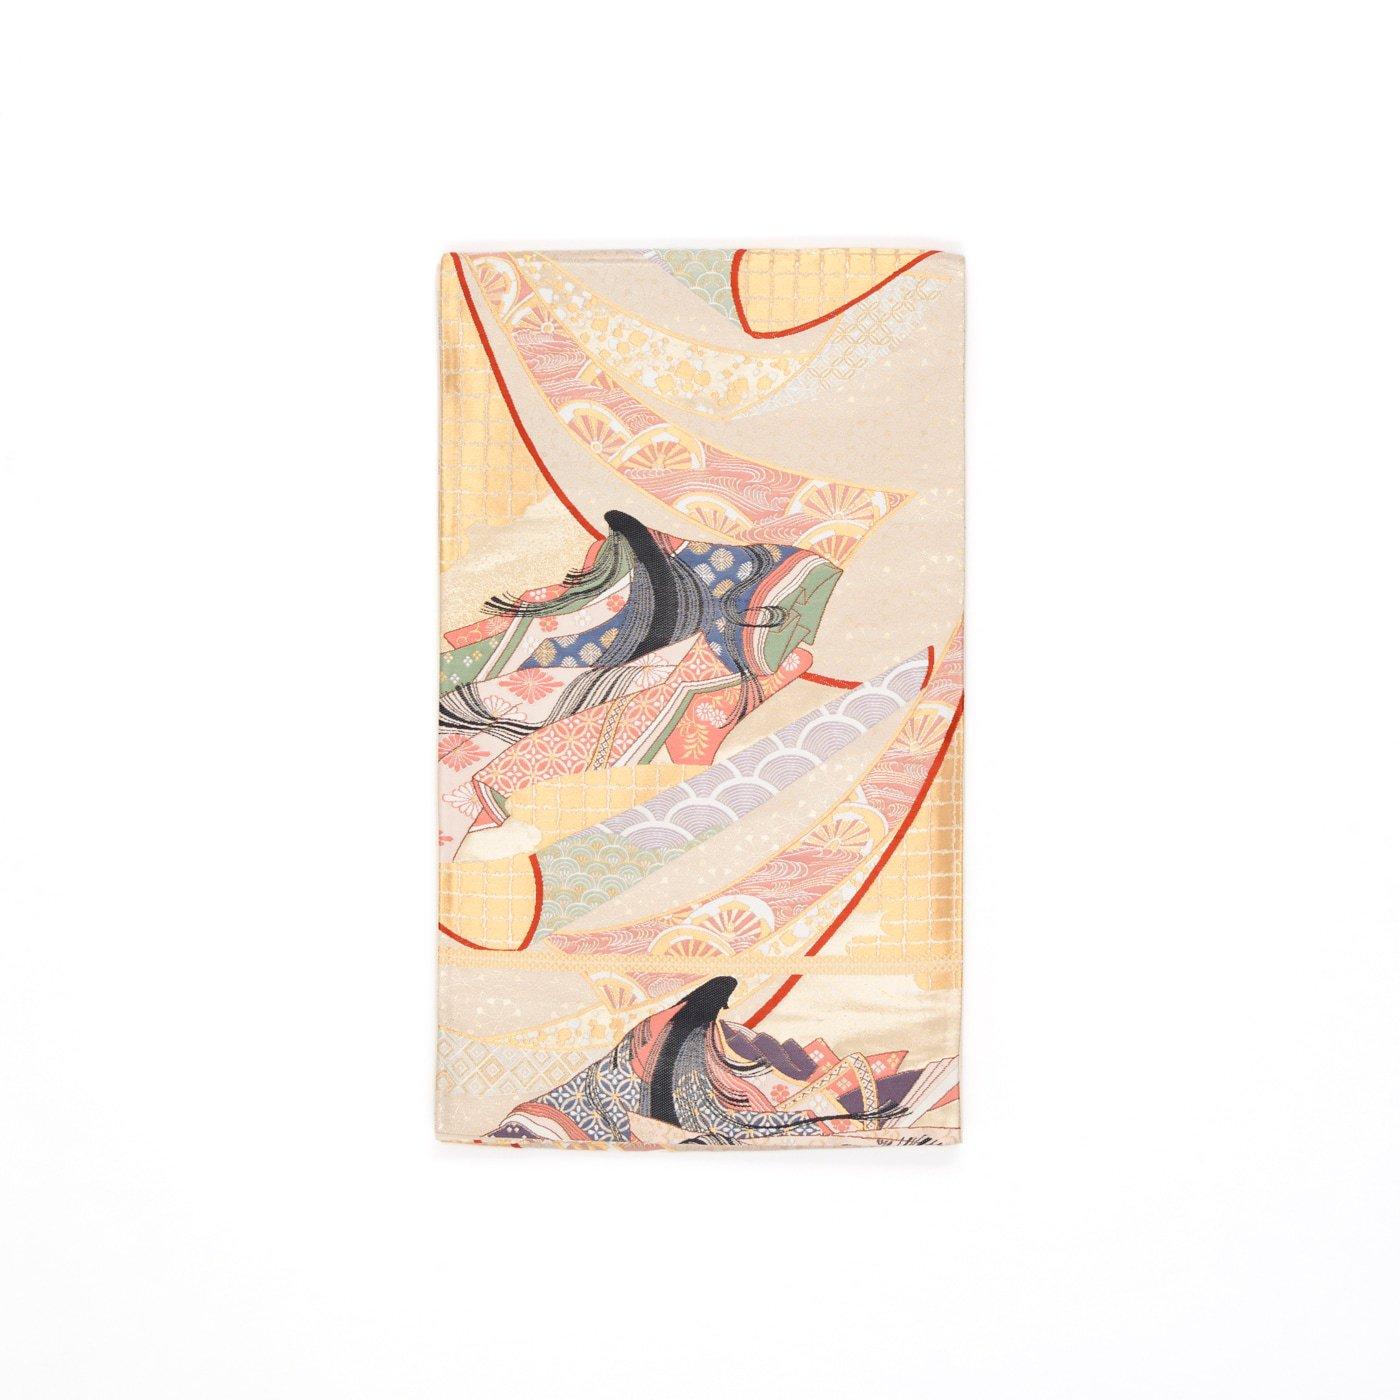 「袋帯●十二単の姫君」の商品画像